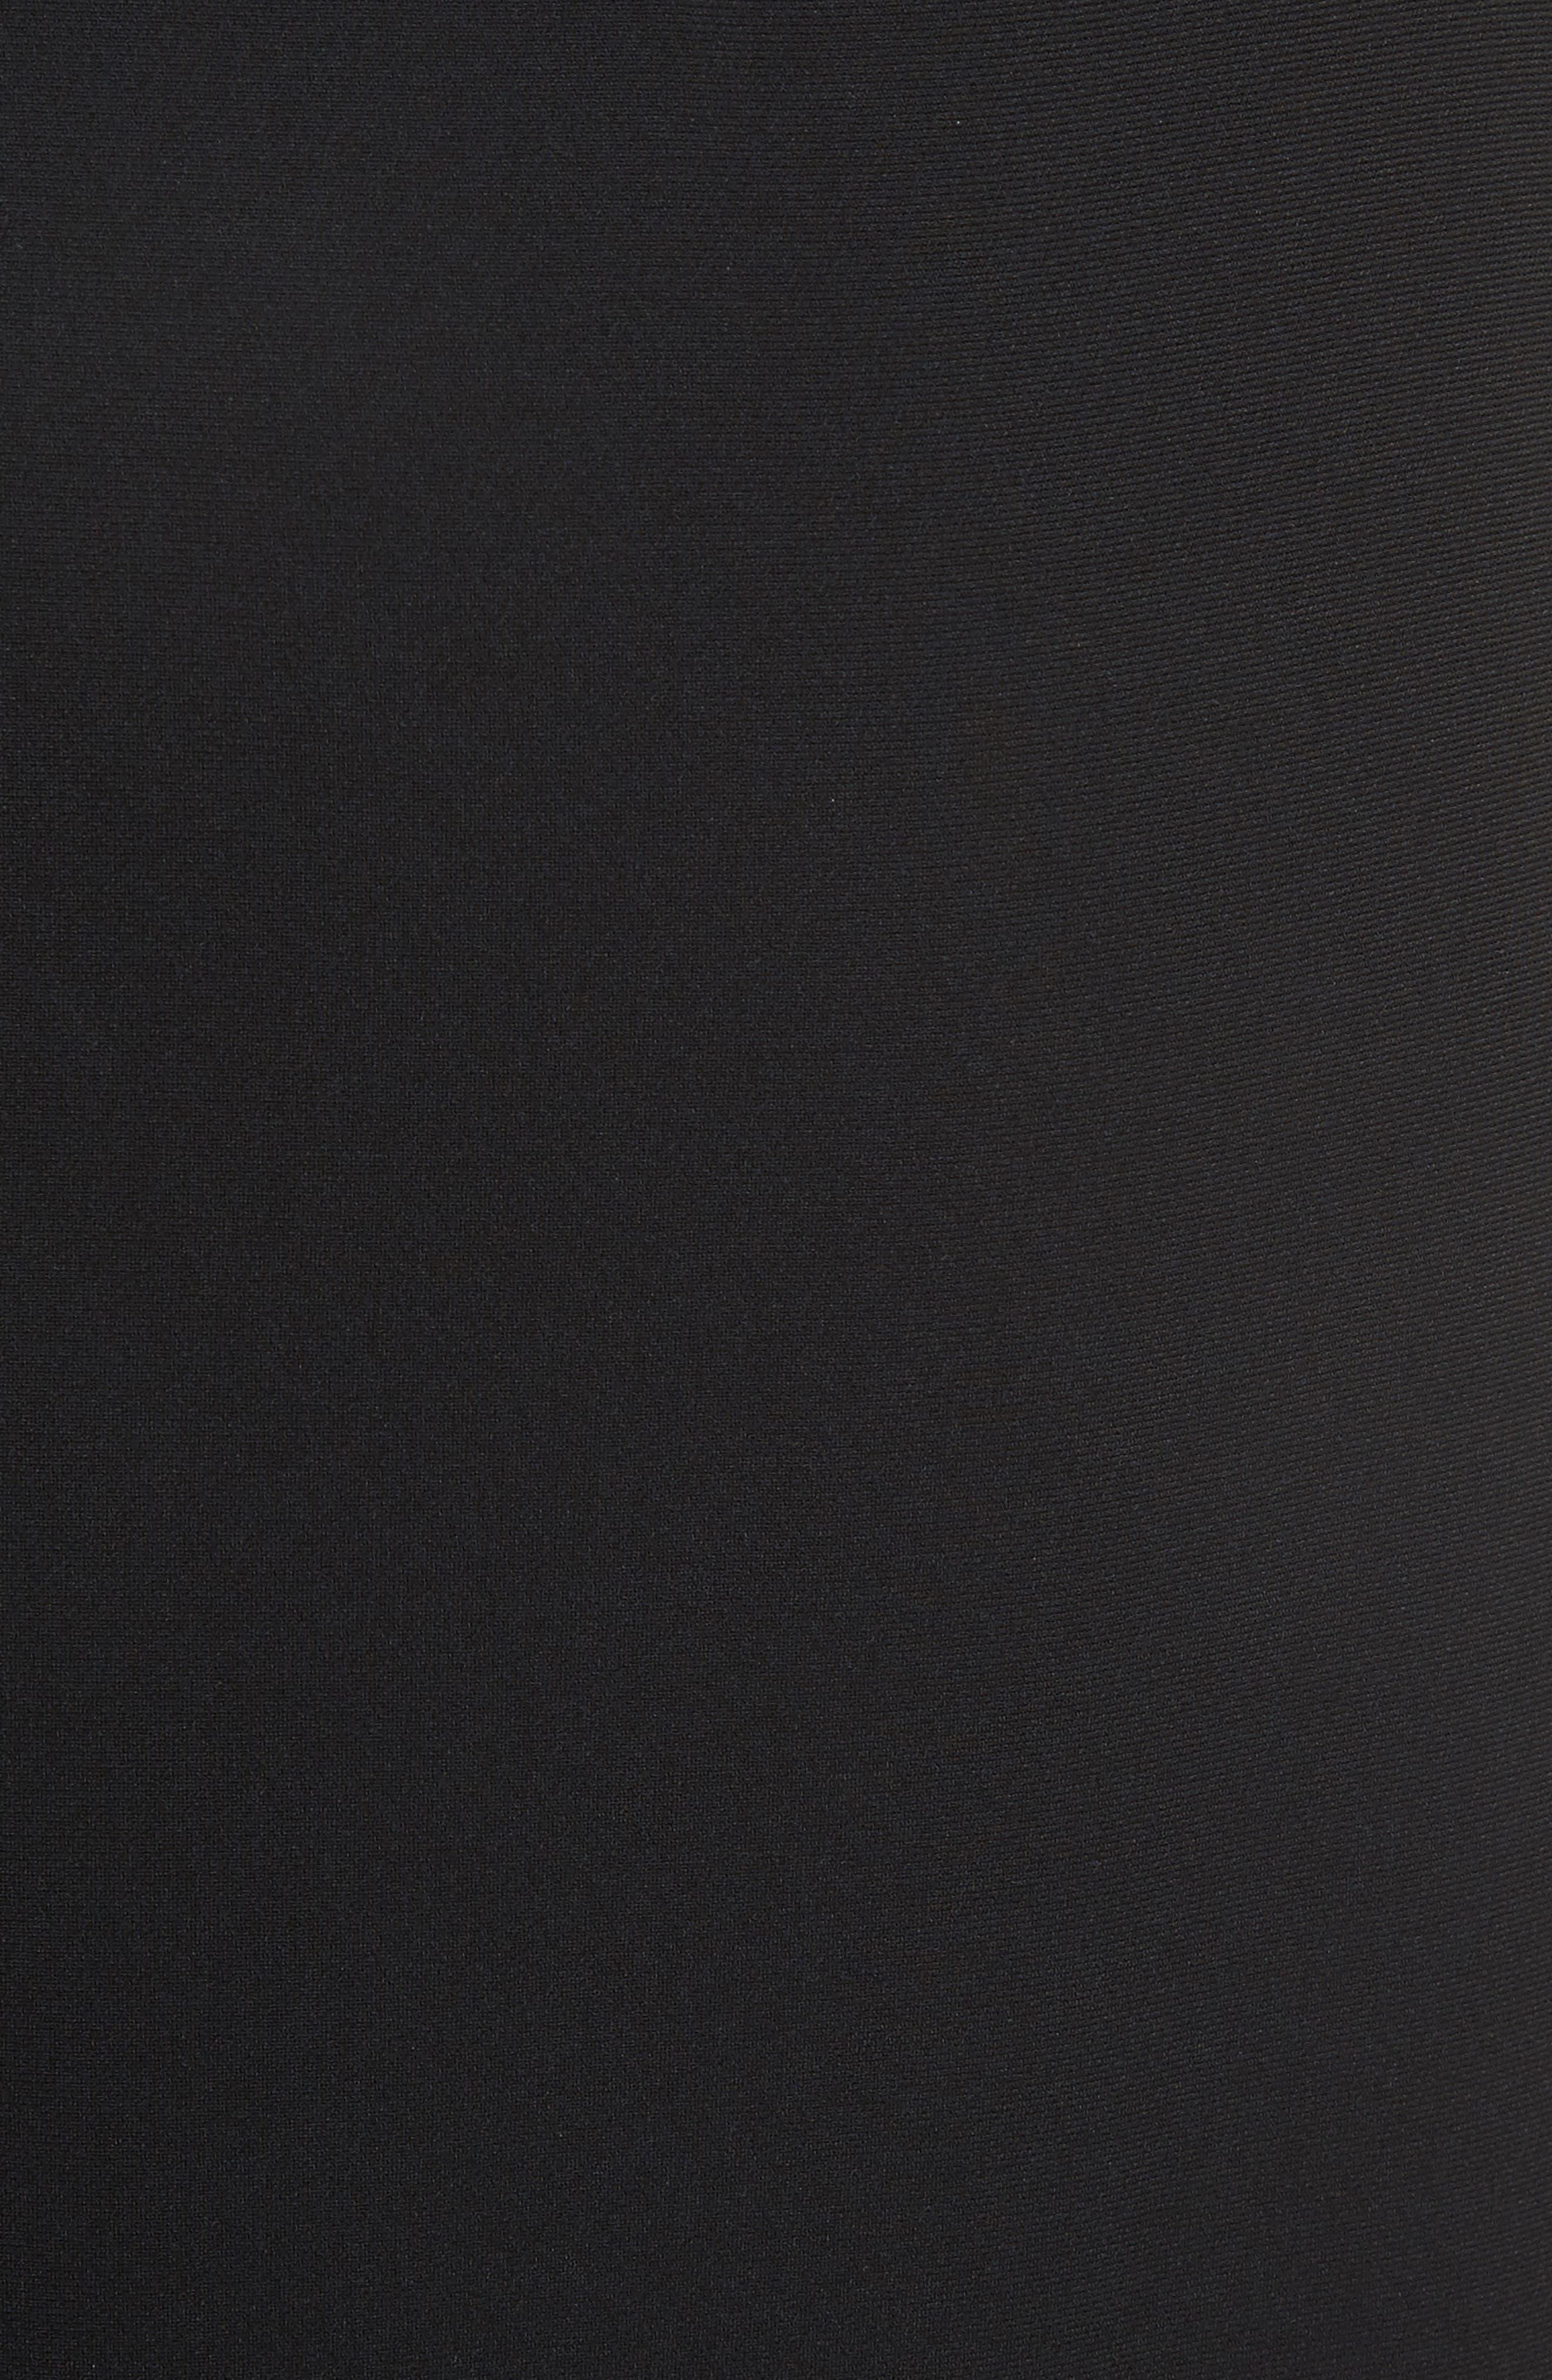 Drape Hem Midi Skirt,                             Alternate thumbnail 5, color,                             Black